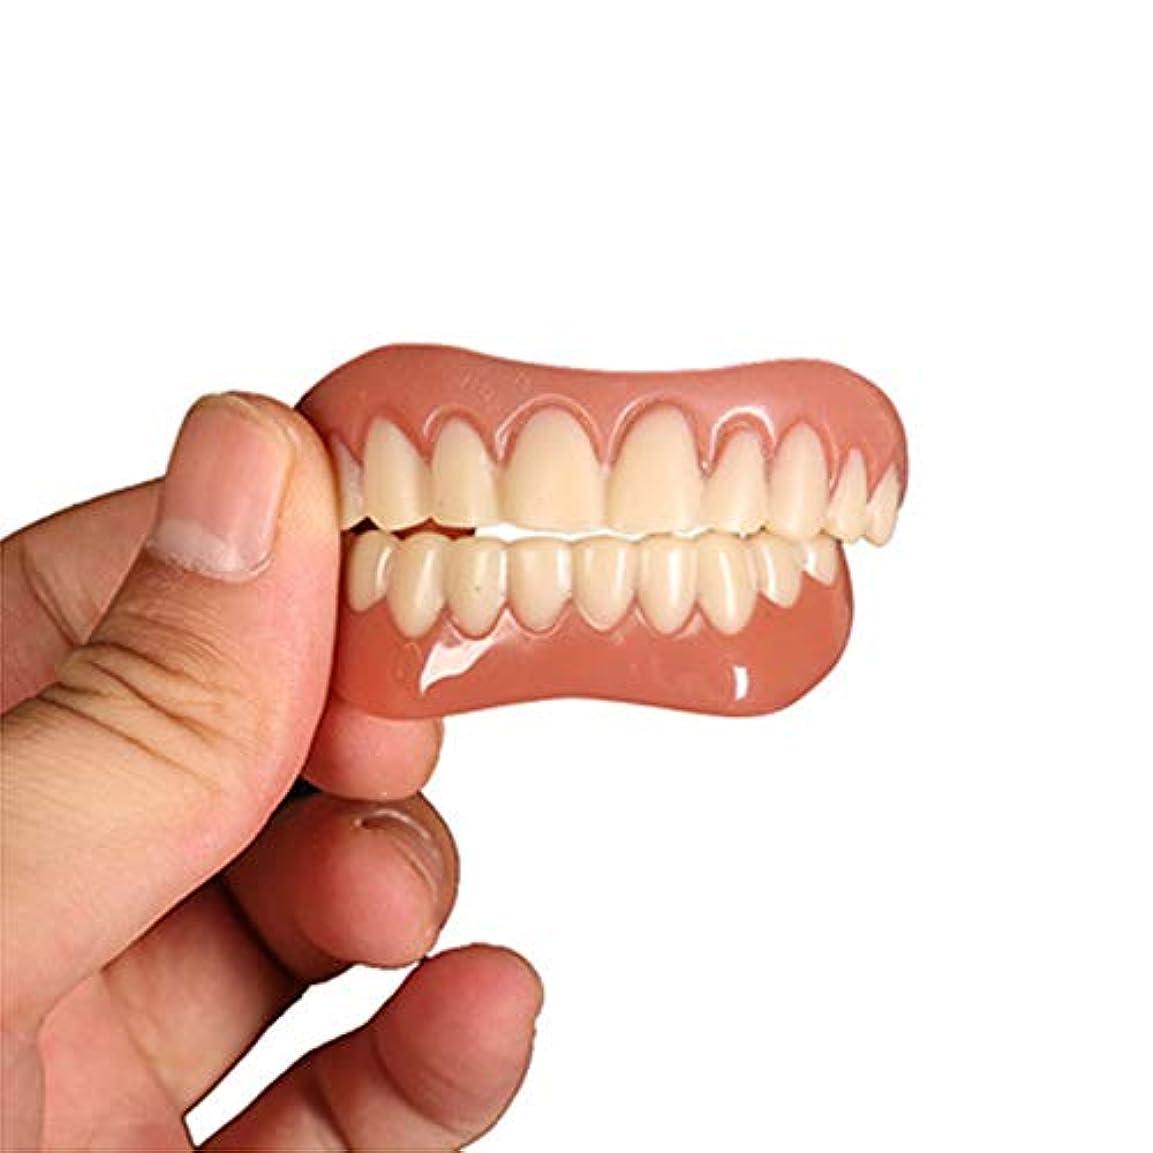 ディレクター細心の宣伝6セット、化粧品の歯、白い歯をきれいにするための快適さにフィットするフレックス歯のソケット、化粧品の歯義歯の歯のトップ化粧品、